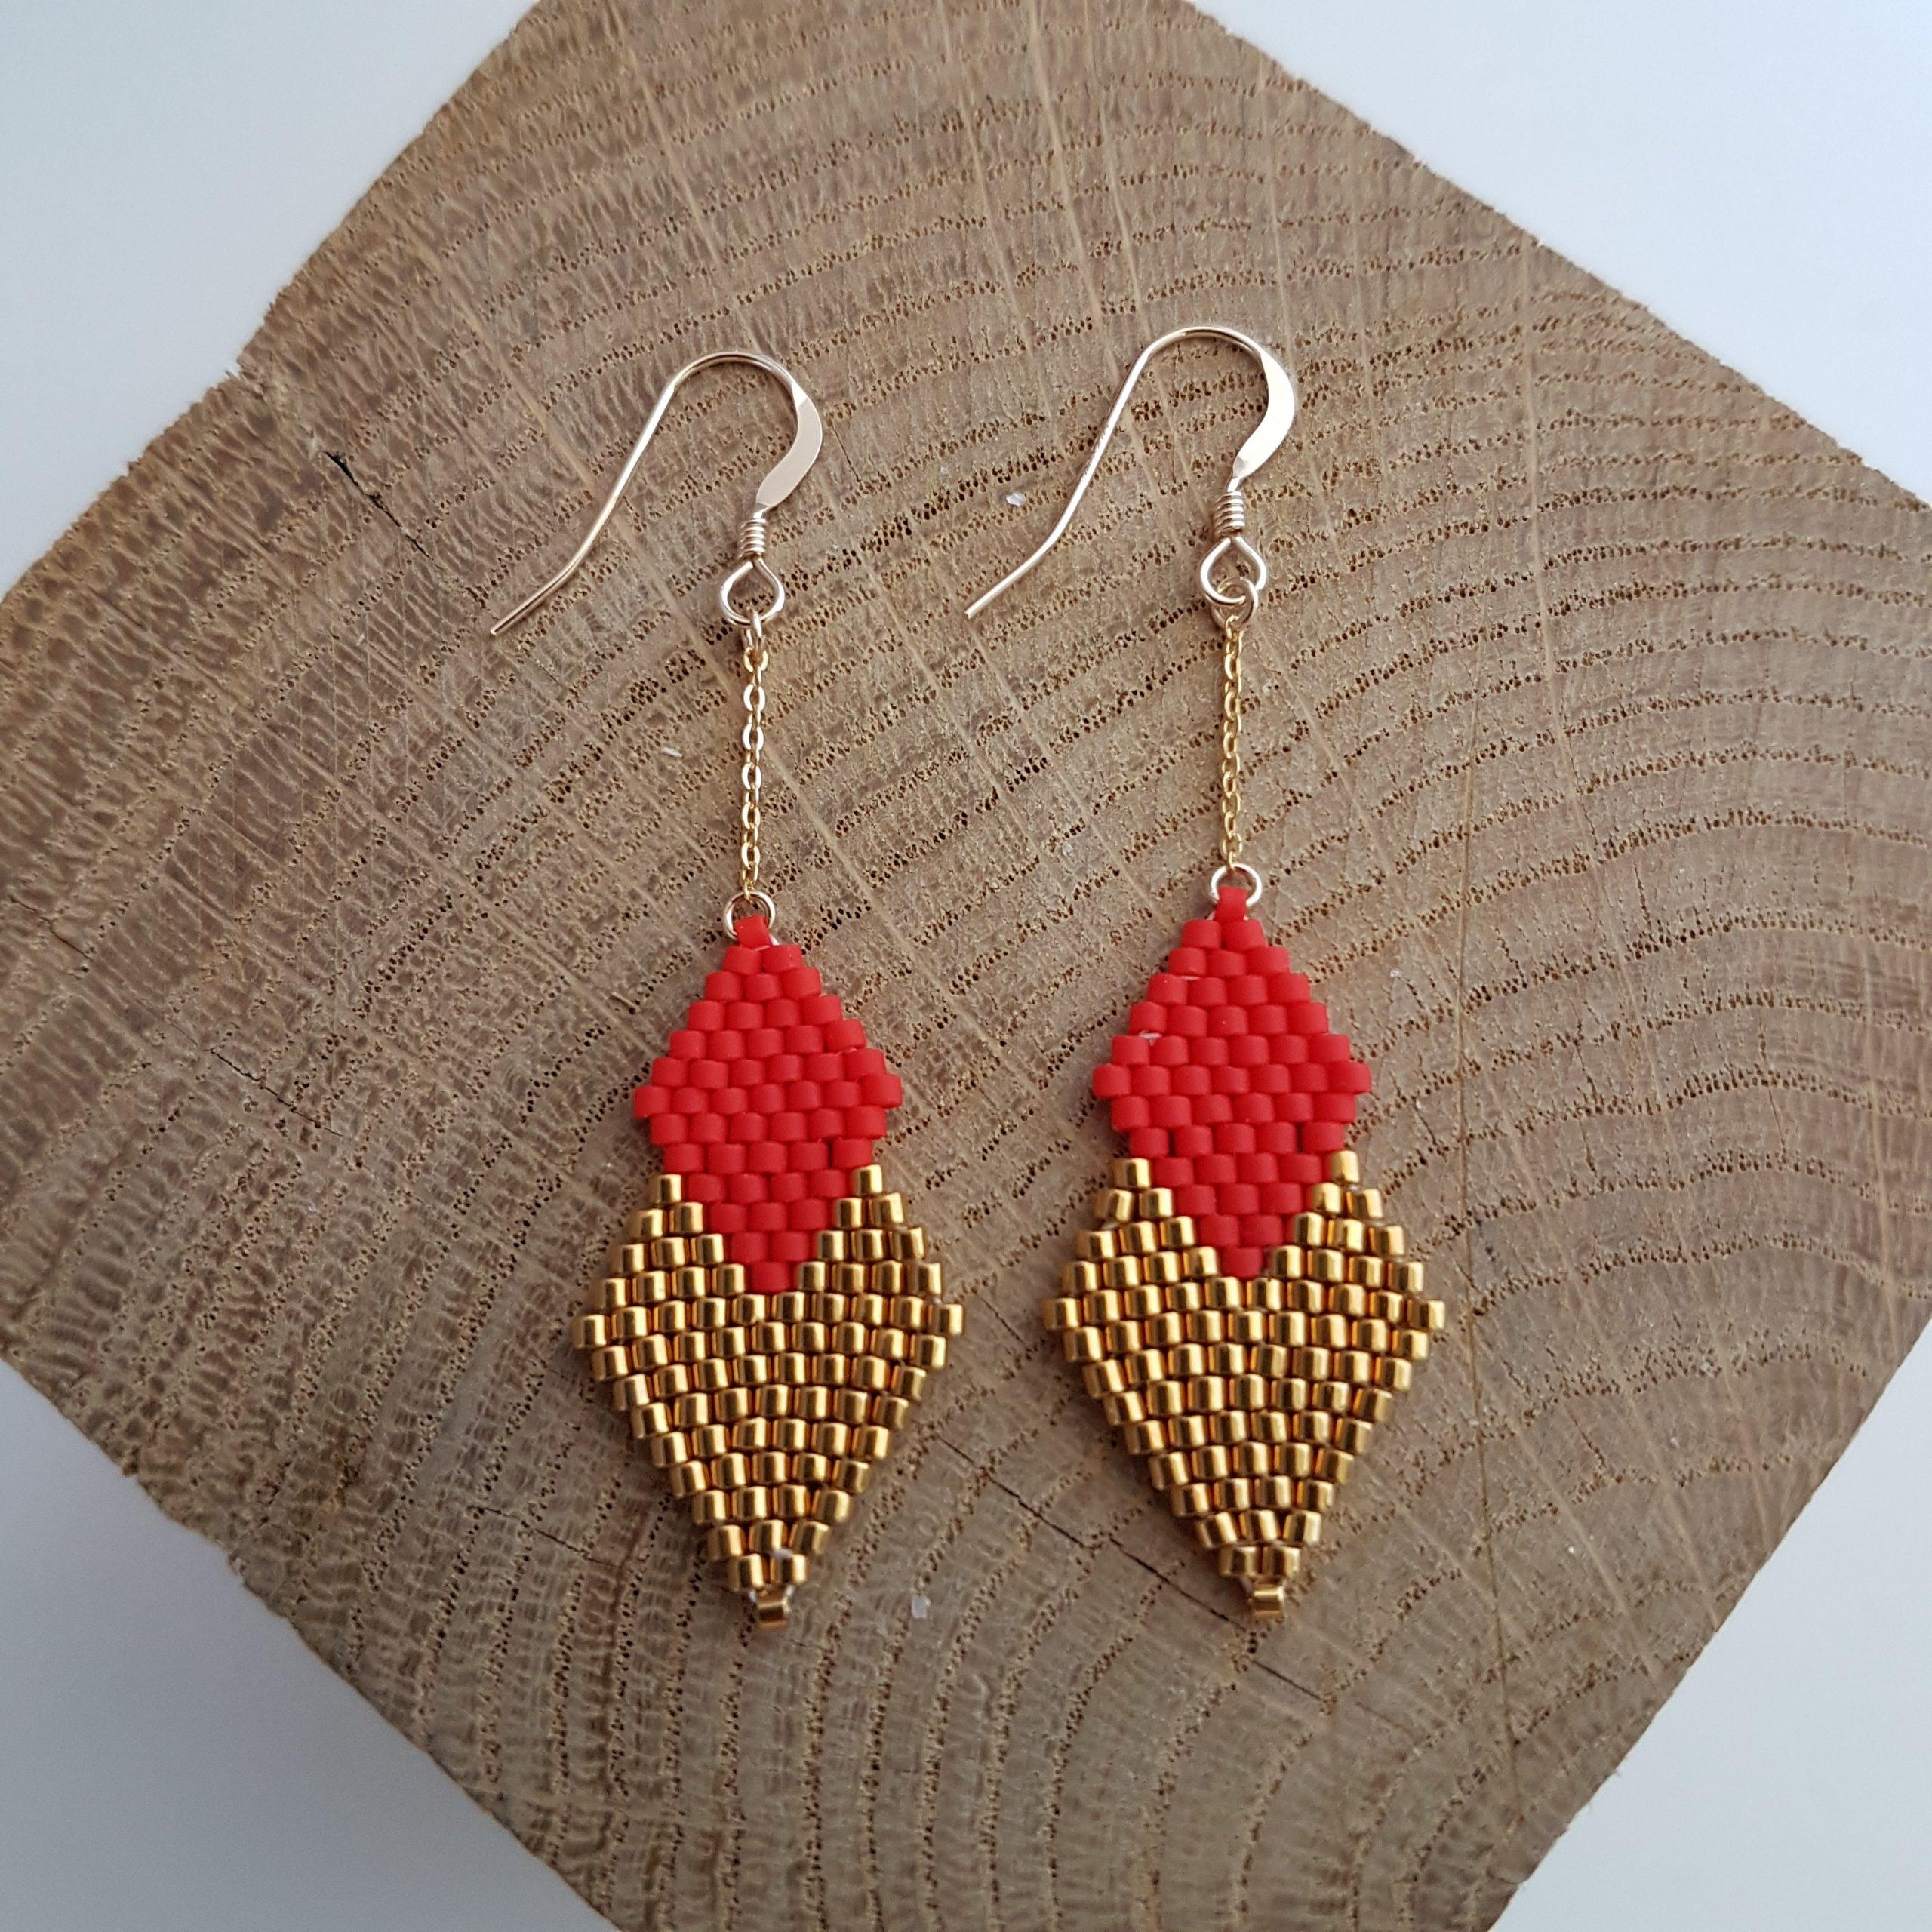 Cadeau femme Bijou artisanal lyon Boucles d'oreilles Pénélope mini rouge coquelicot argent 925 miyuki